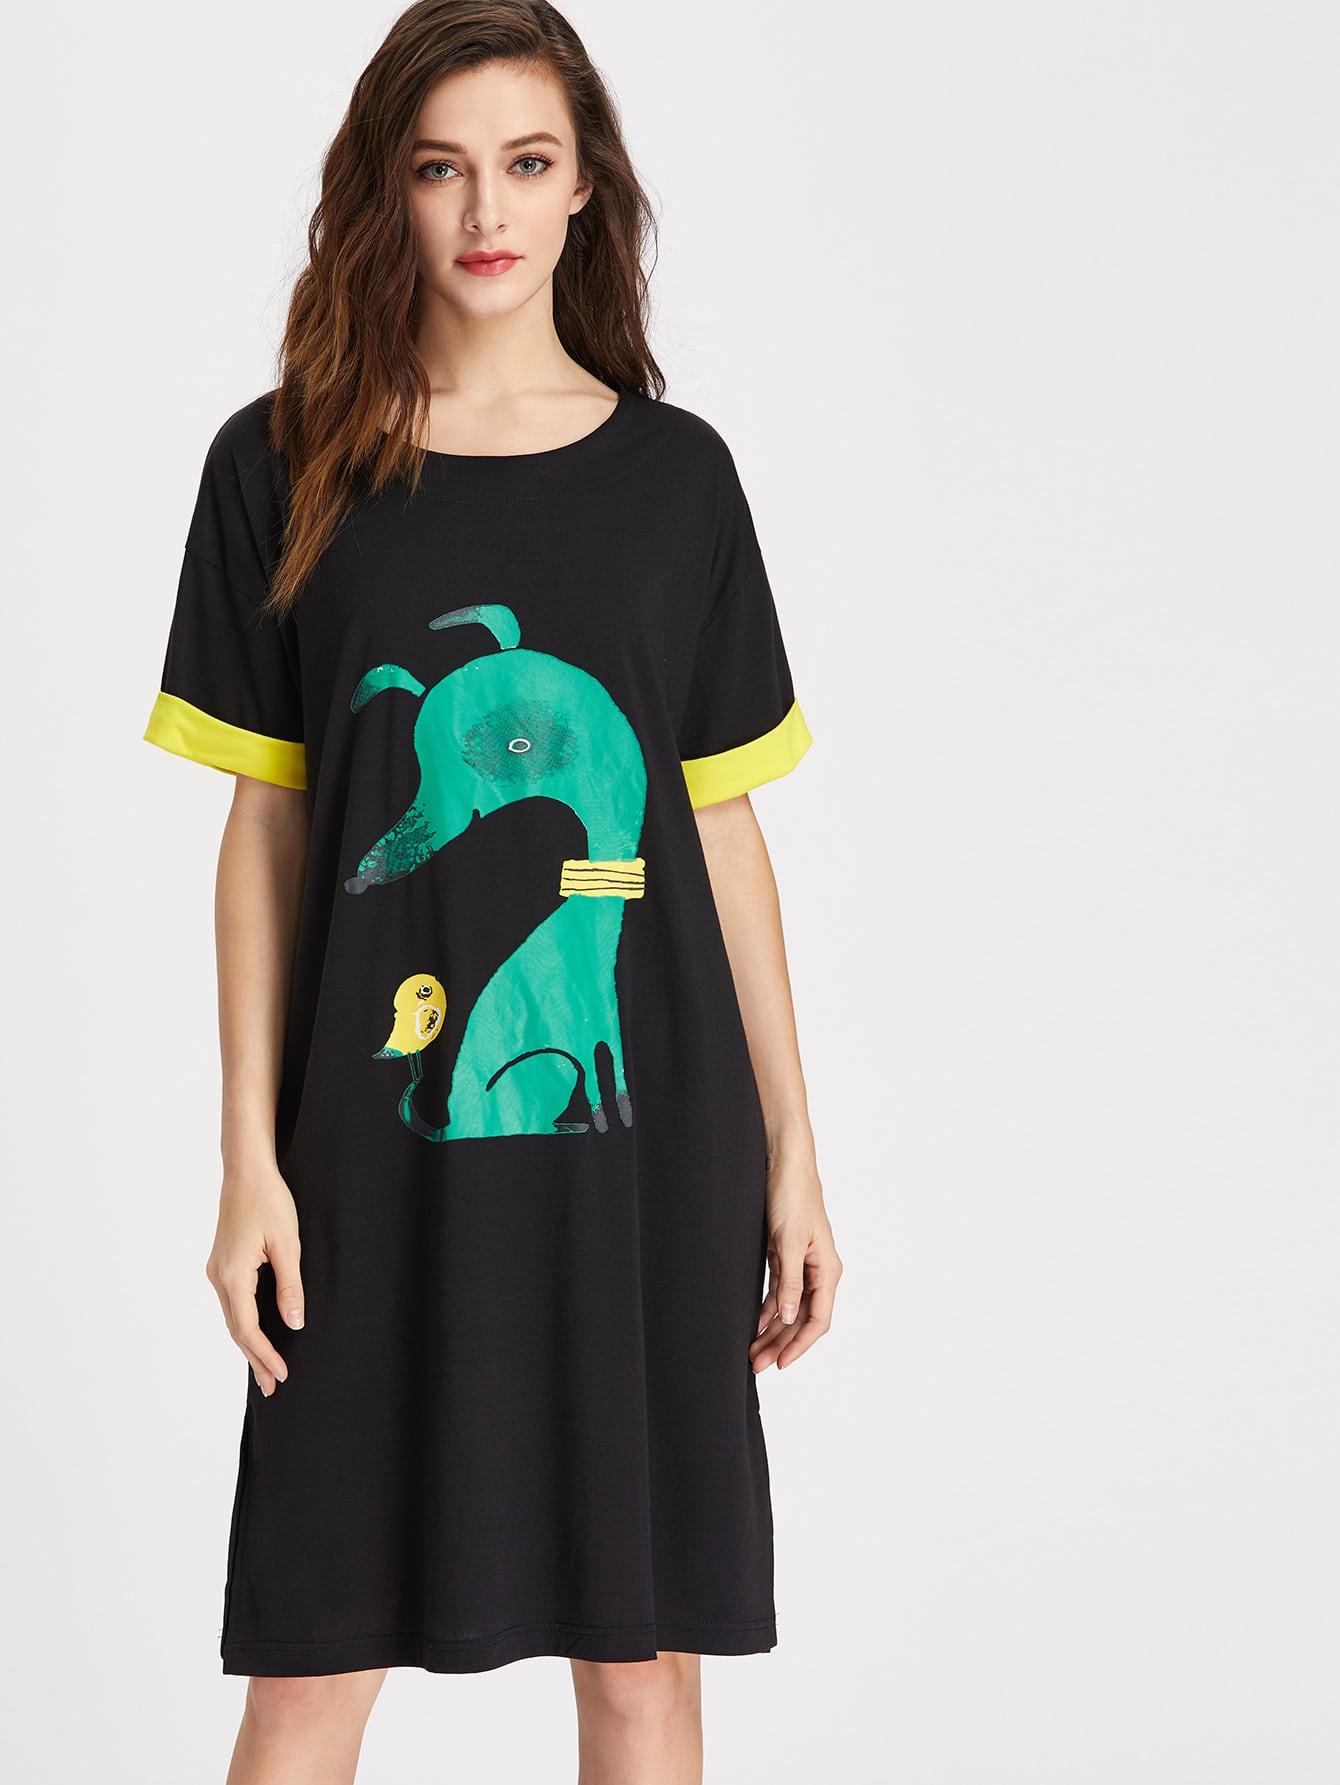 Фото Cartoon Print Contrast Cuff T-shirt Dress. Купить с доставкой